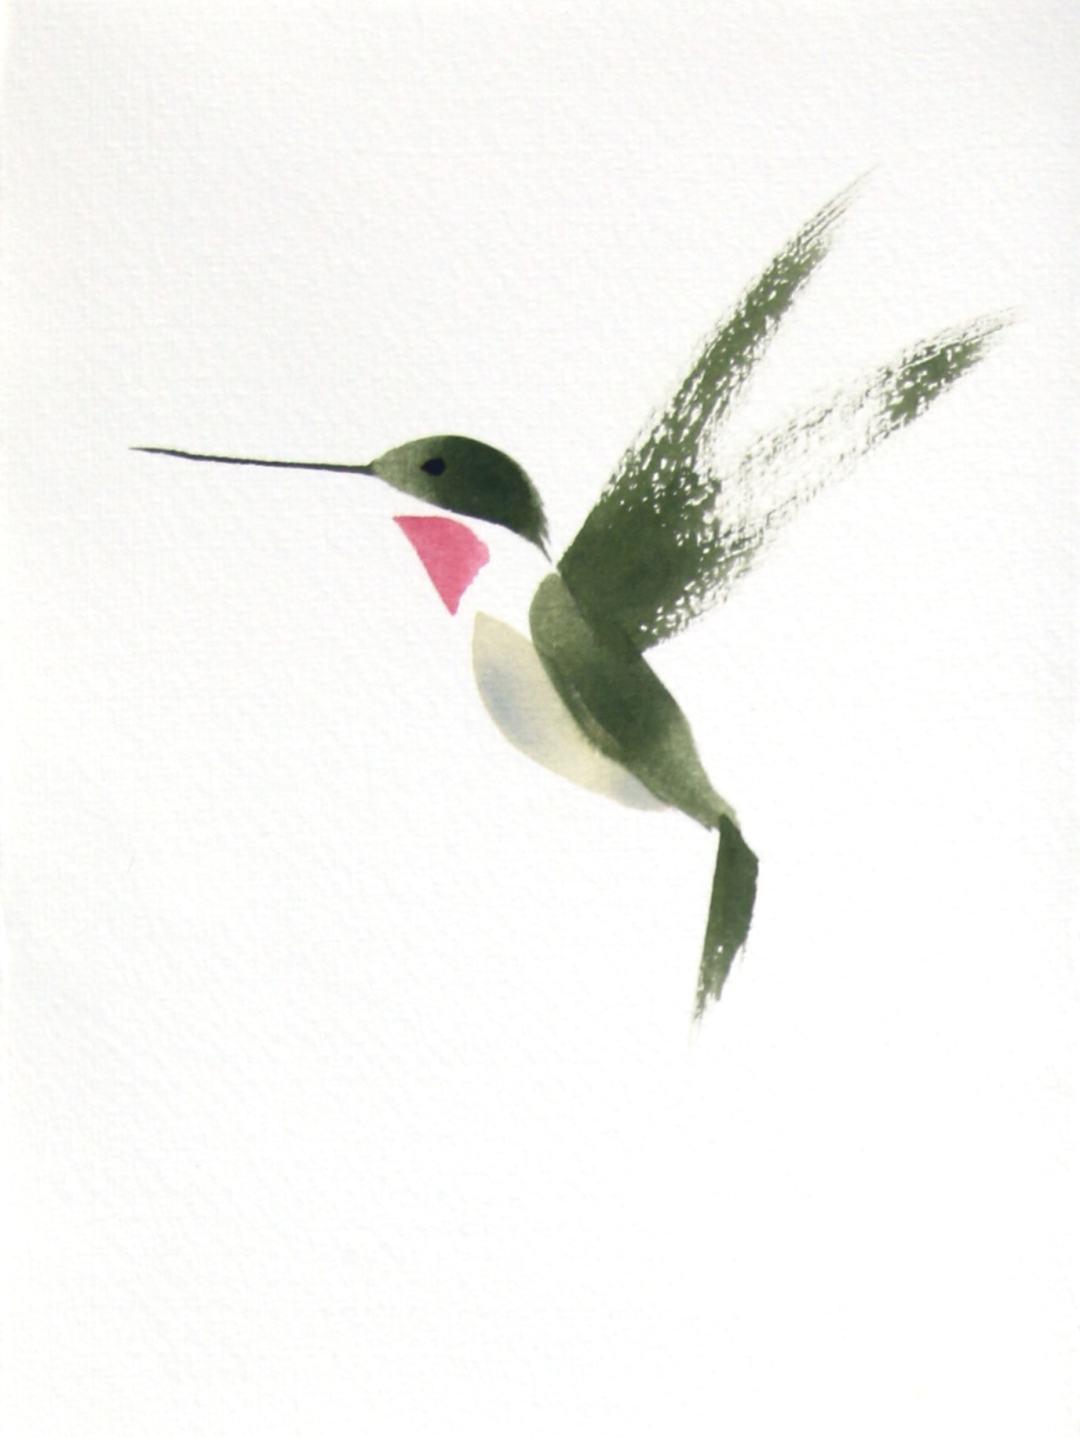 Hummingbird watercolor brush drawing